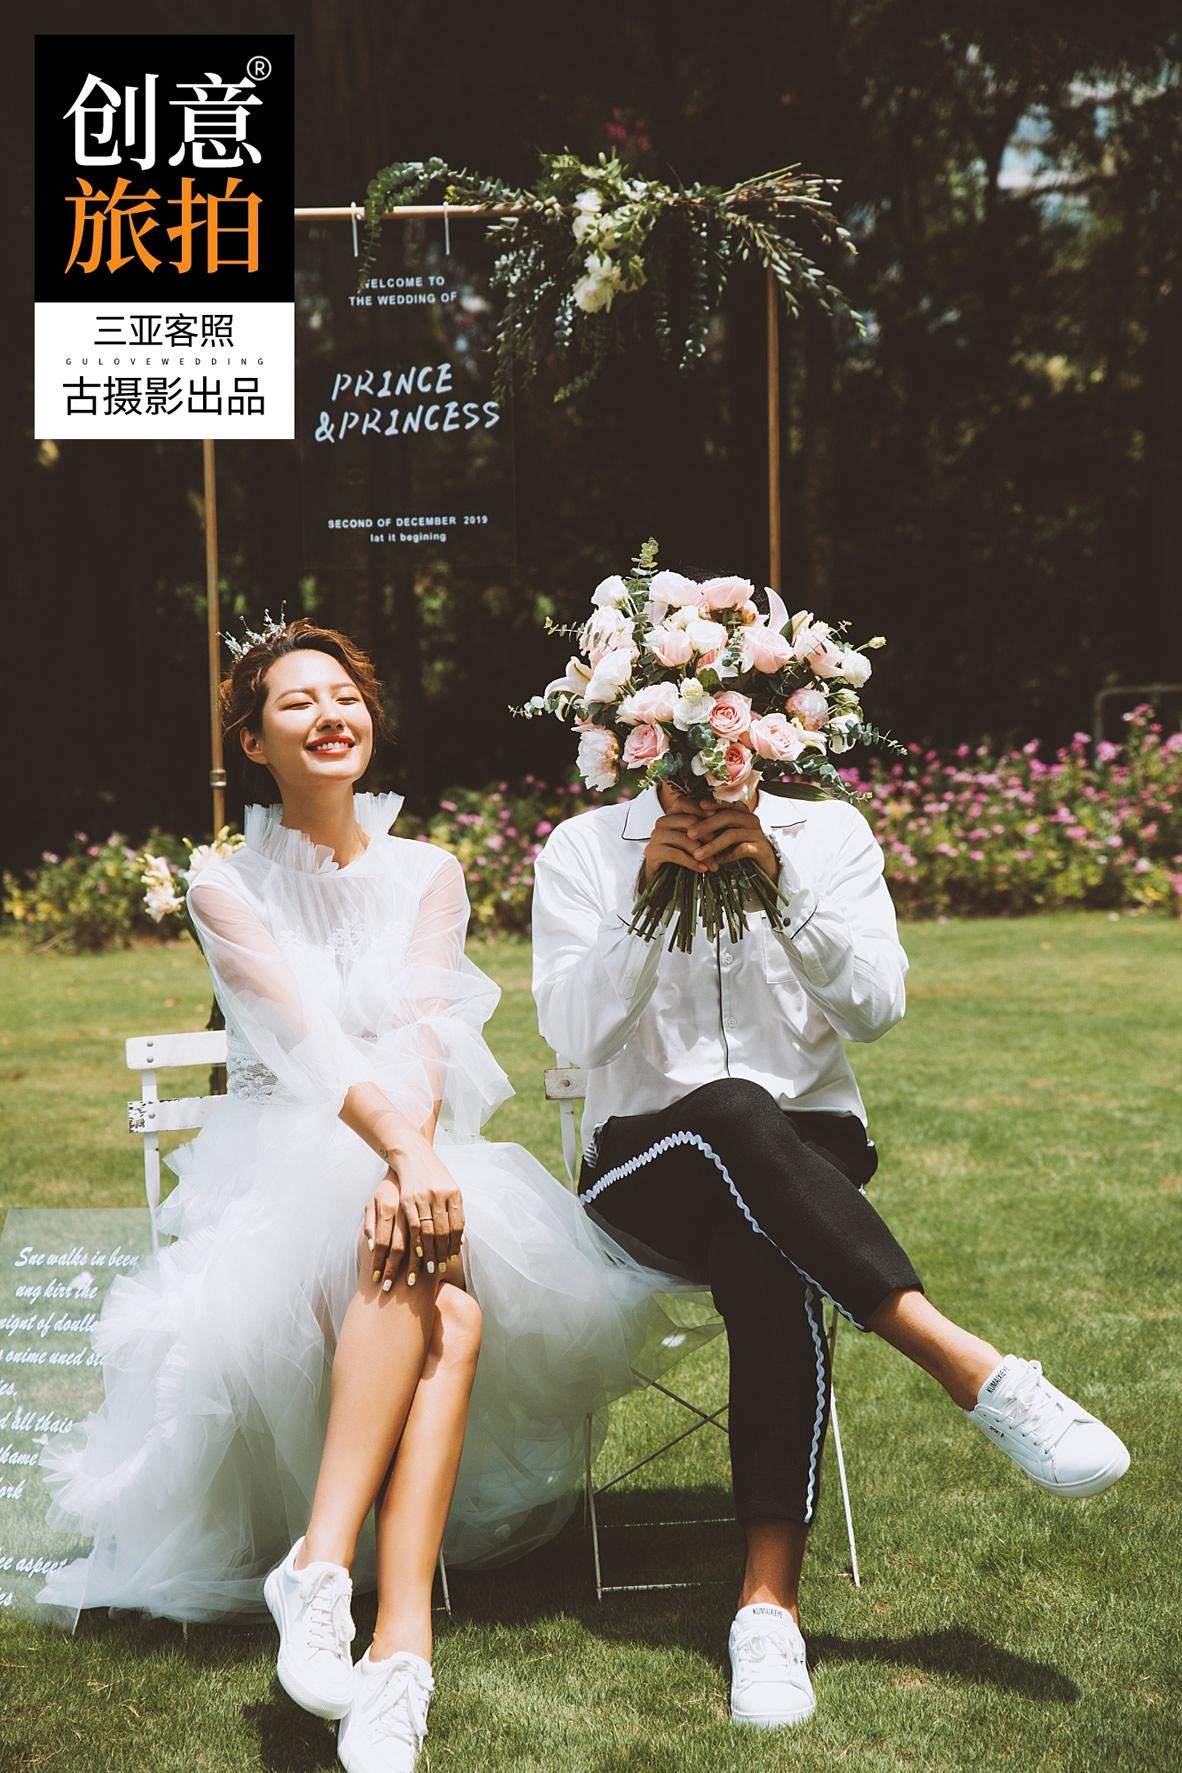 三亞客照 - 旅拍客照集合 - 古攝影婚紗藝術-古攝影成都婚紗攝影藝術攝影網